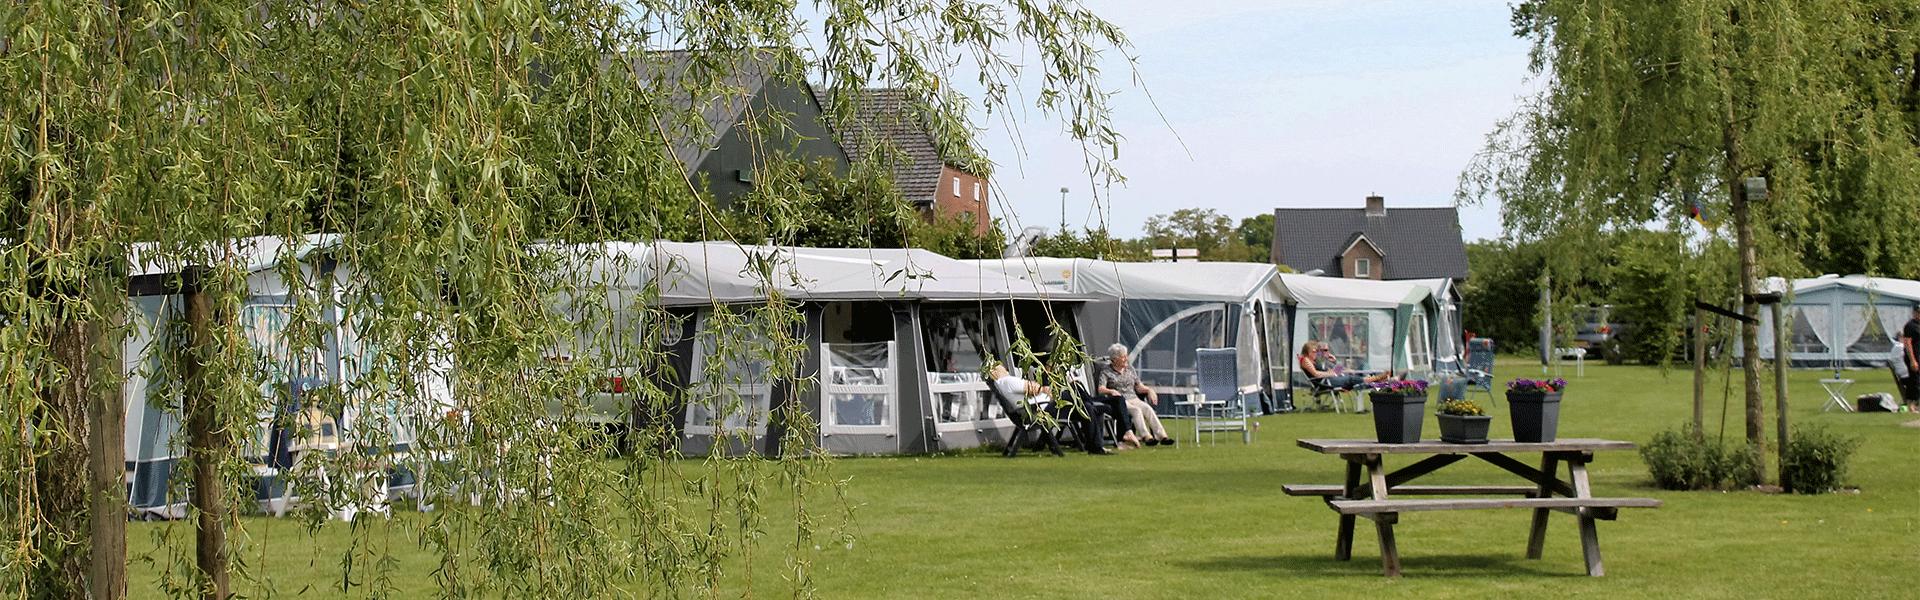 Mini camping in Brabant, voor een leuke vakantie